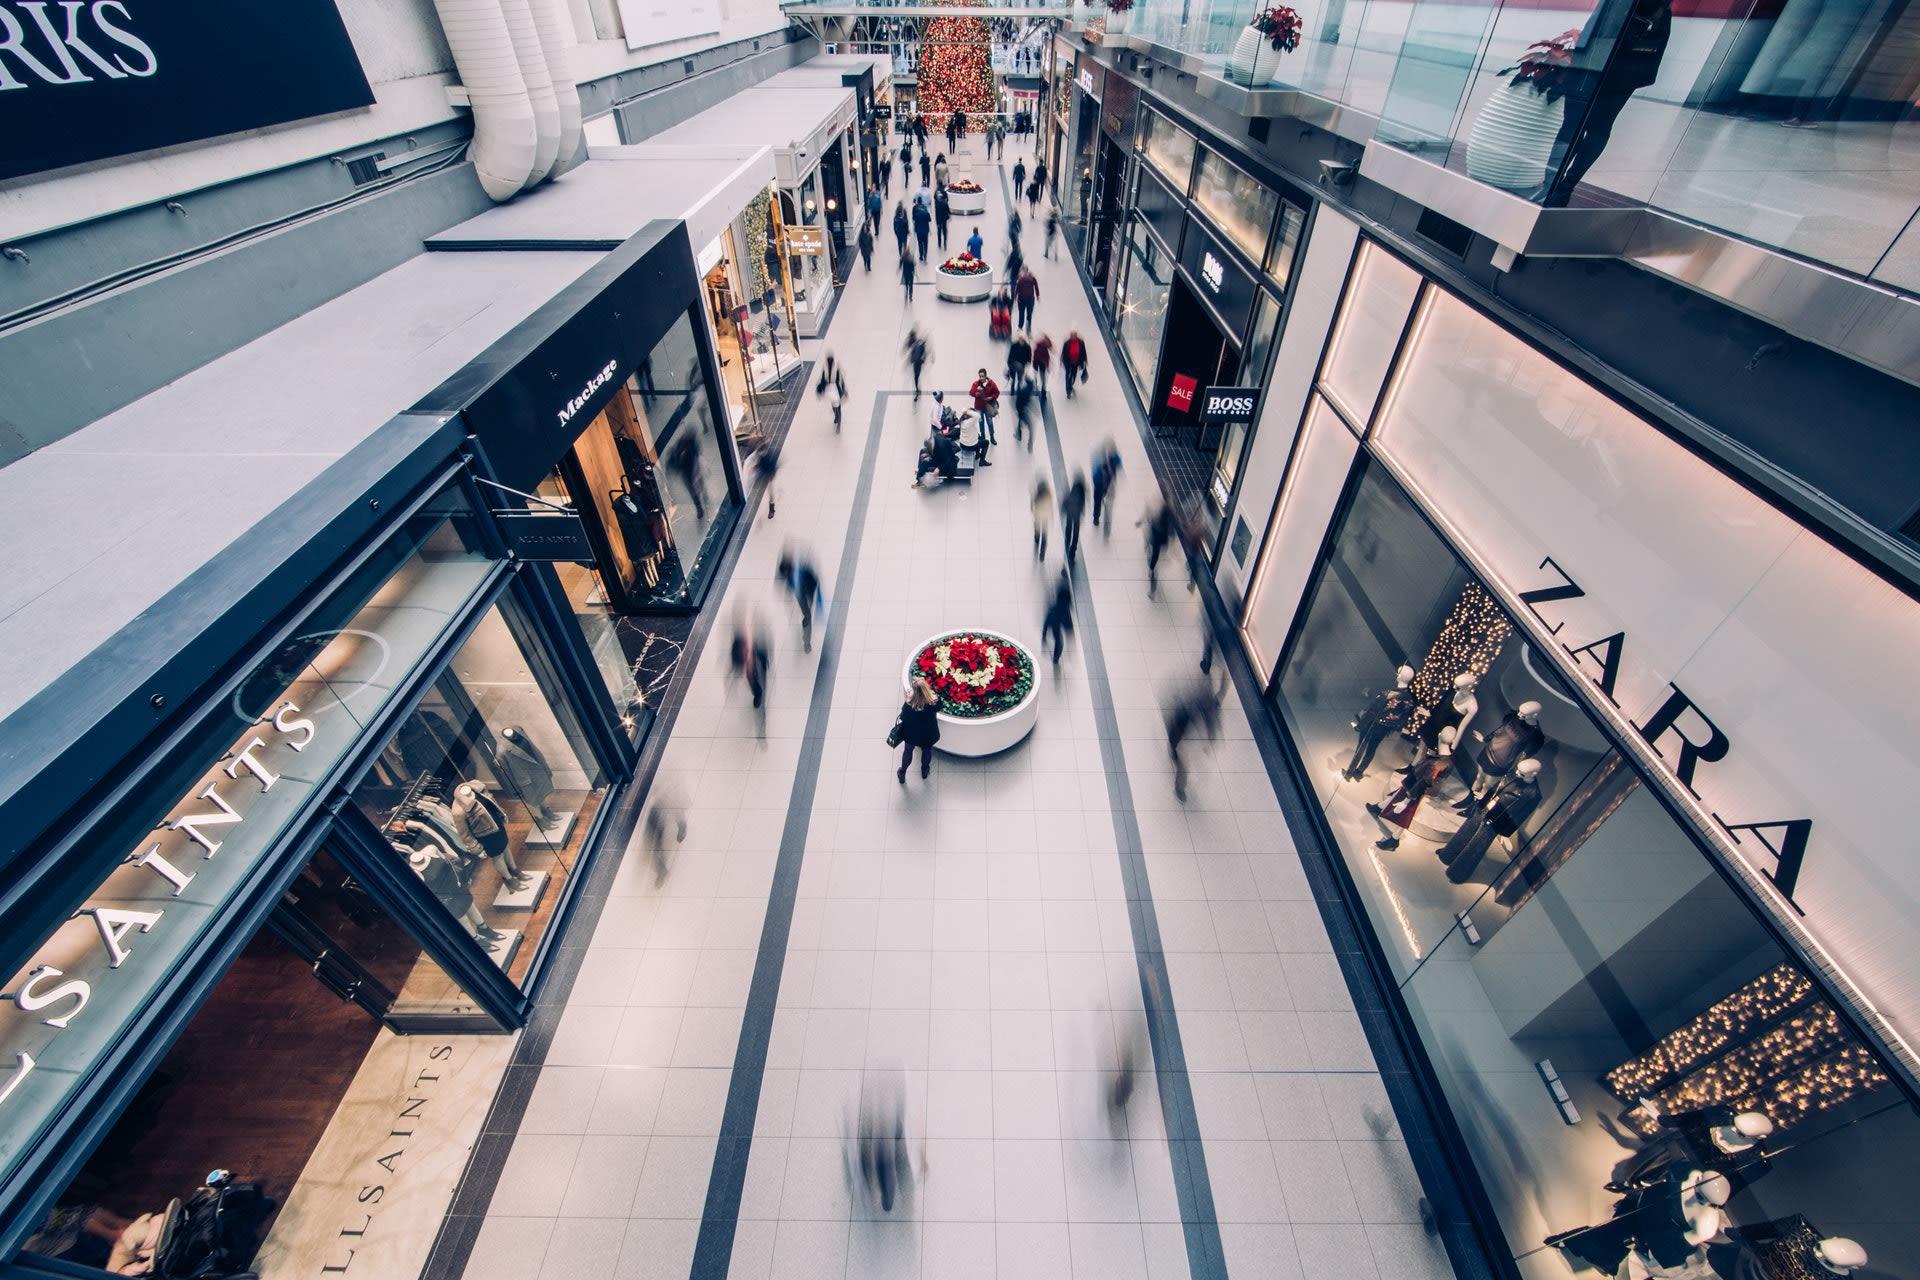 Visione dall'alto di alcuni negozi con persone nel mezzo